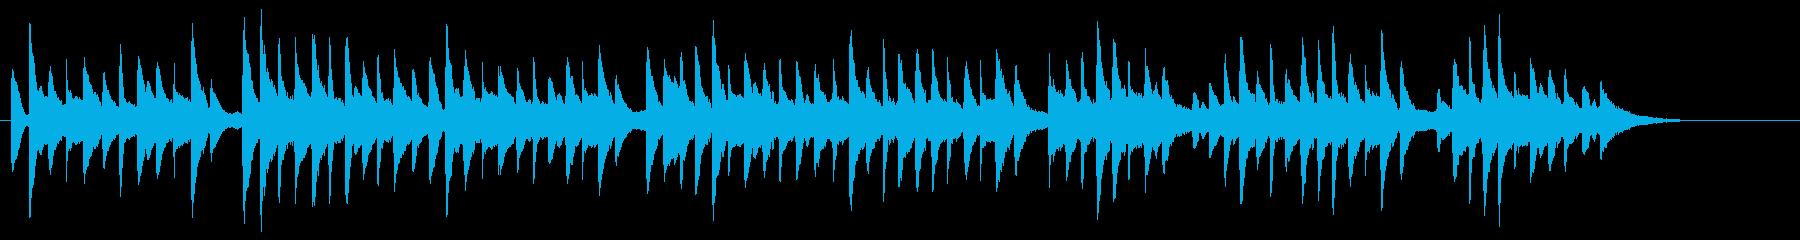 サティっぽいシンプルなBGMソロピアノの再生済みの波形